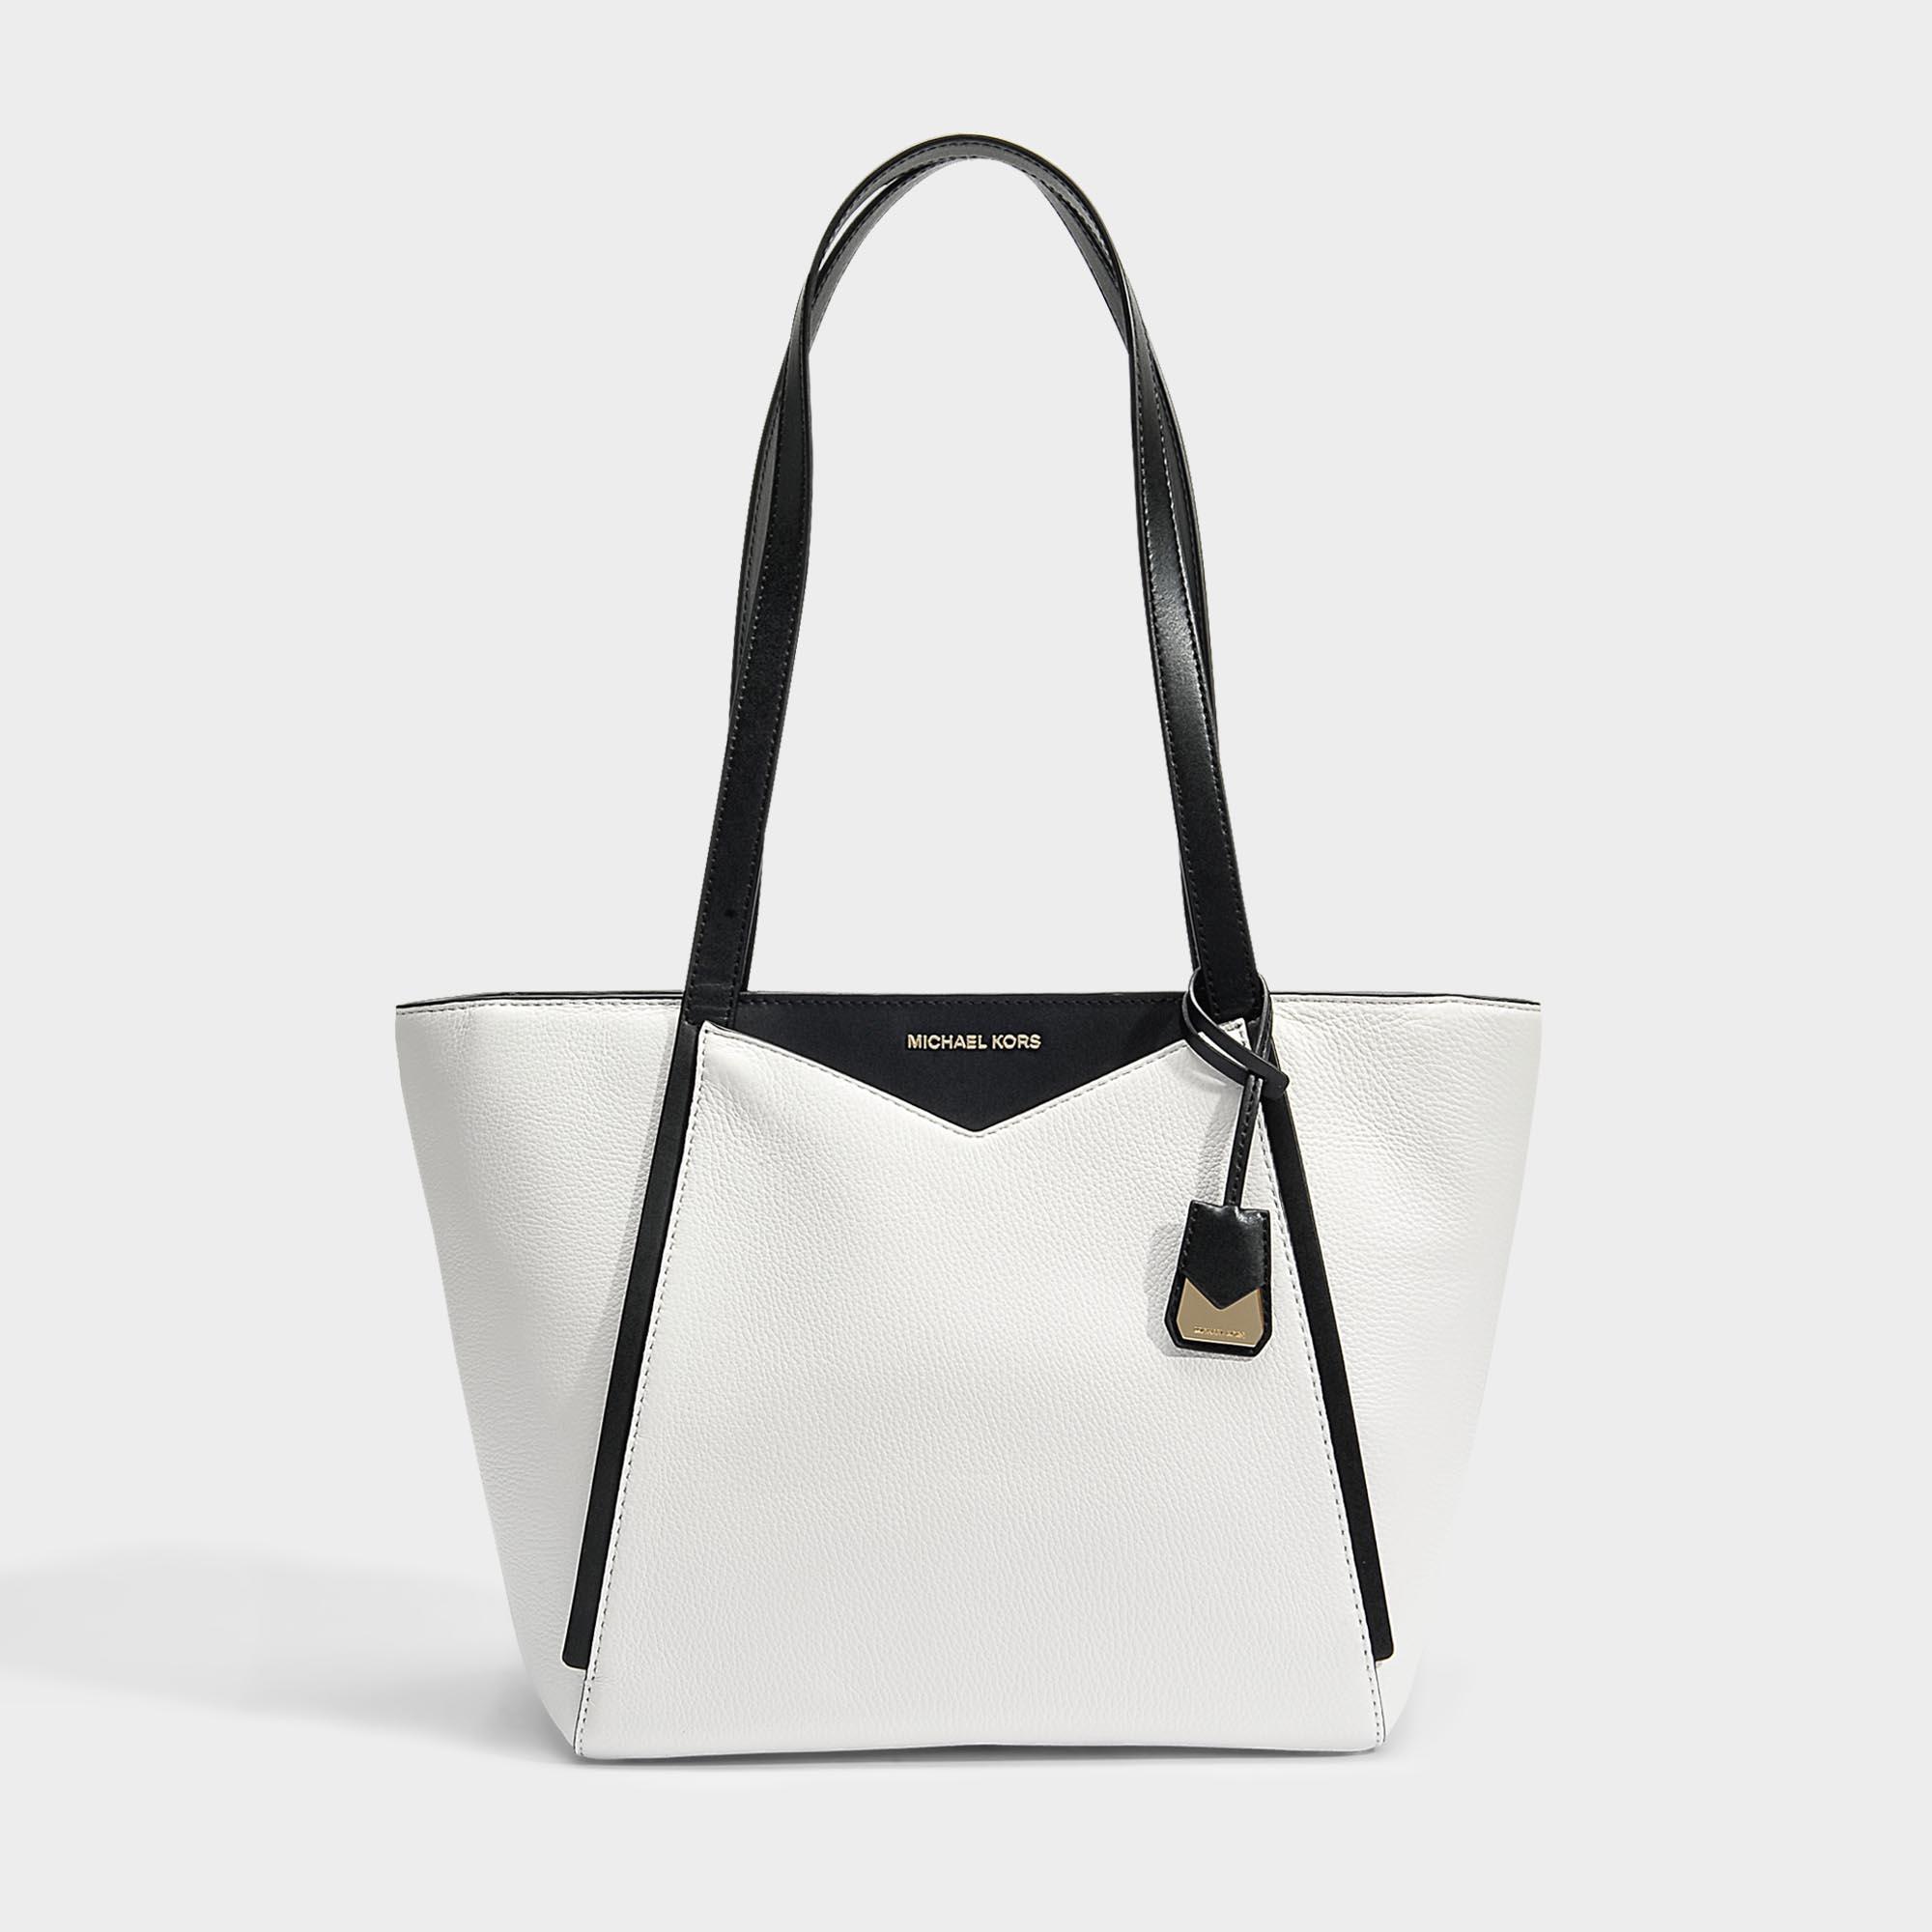 d4760c4652 Michael Michael Kors Small Top Zip Tote Bag In Optic White And Black ...